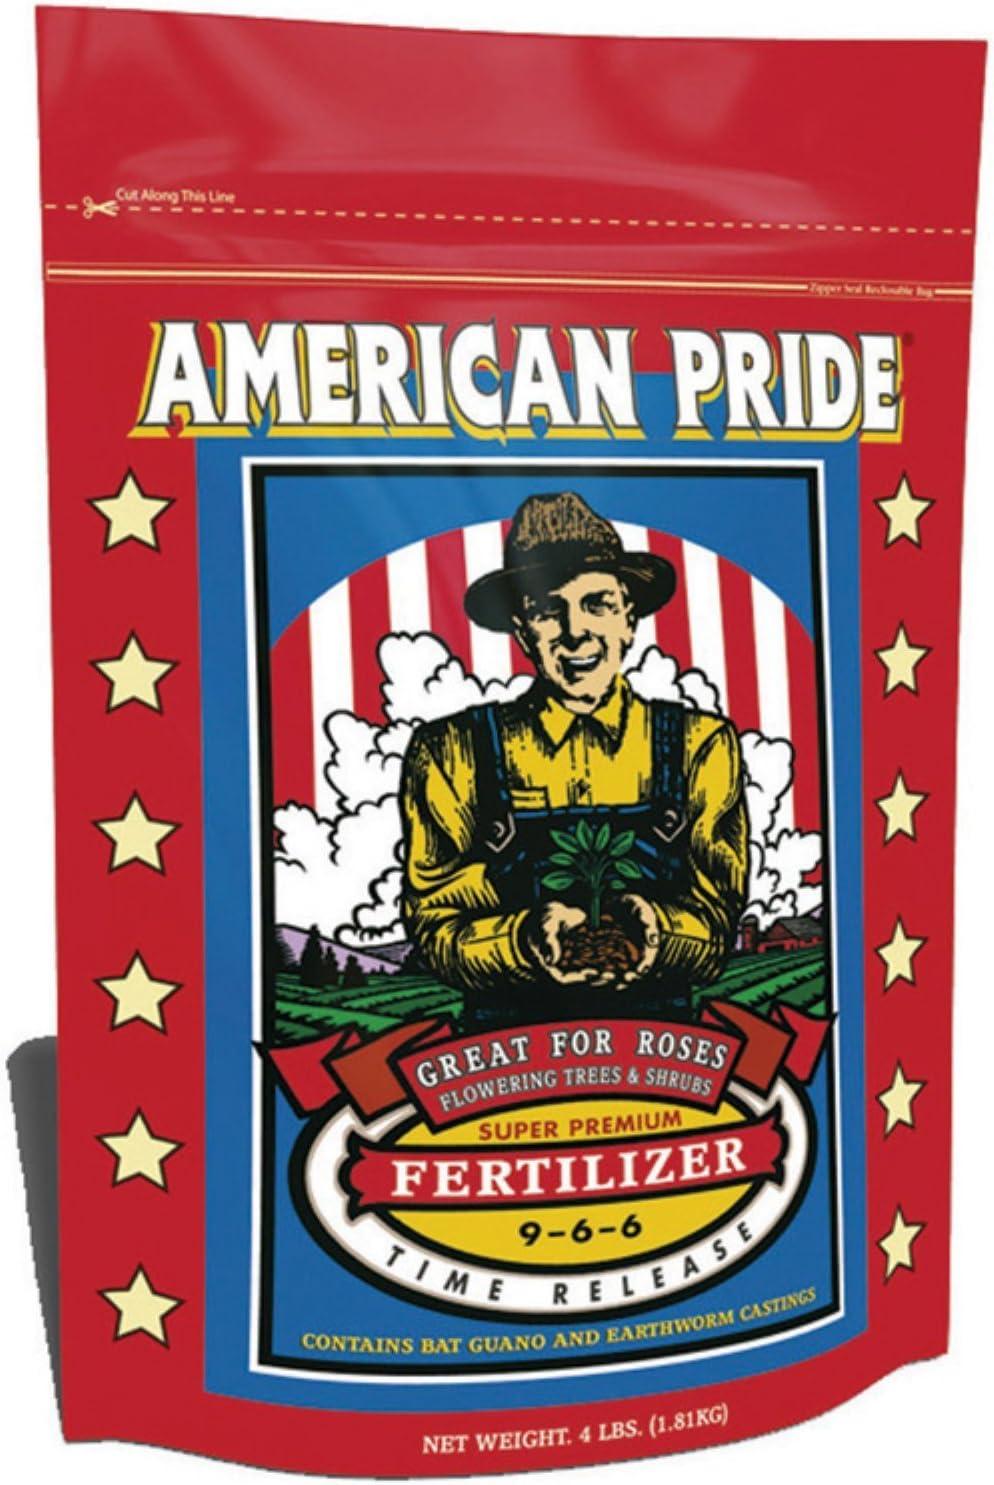 FoxFarm FX14014 4-Pound American Dry Pride Fertilizer Sale SALENEW very popular! price 9-